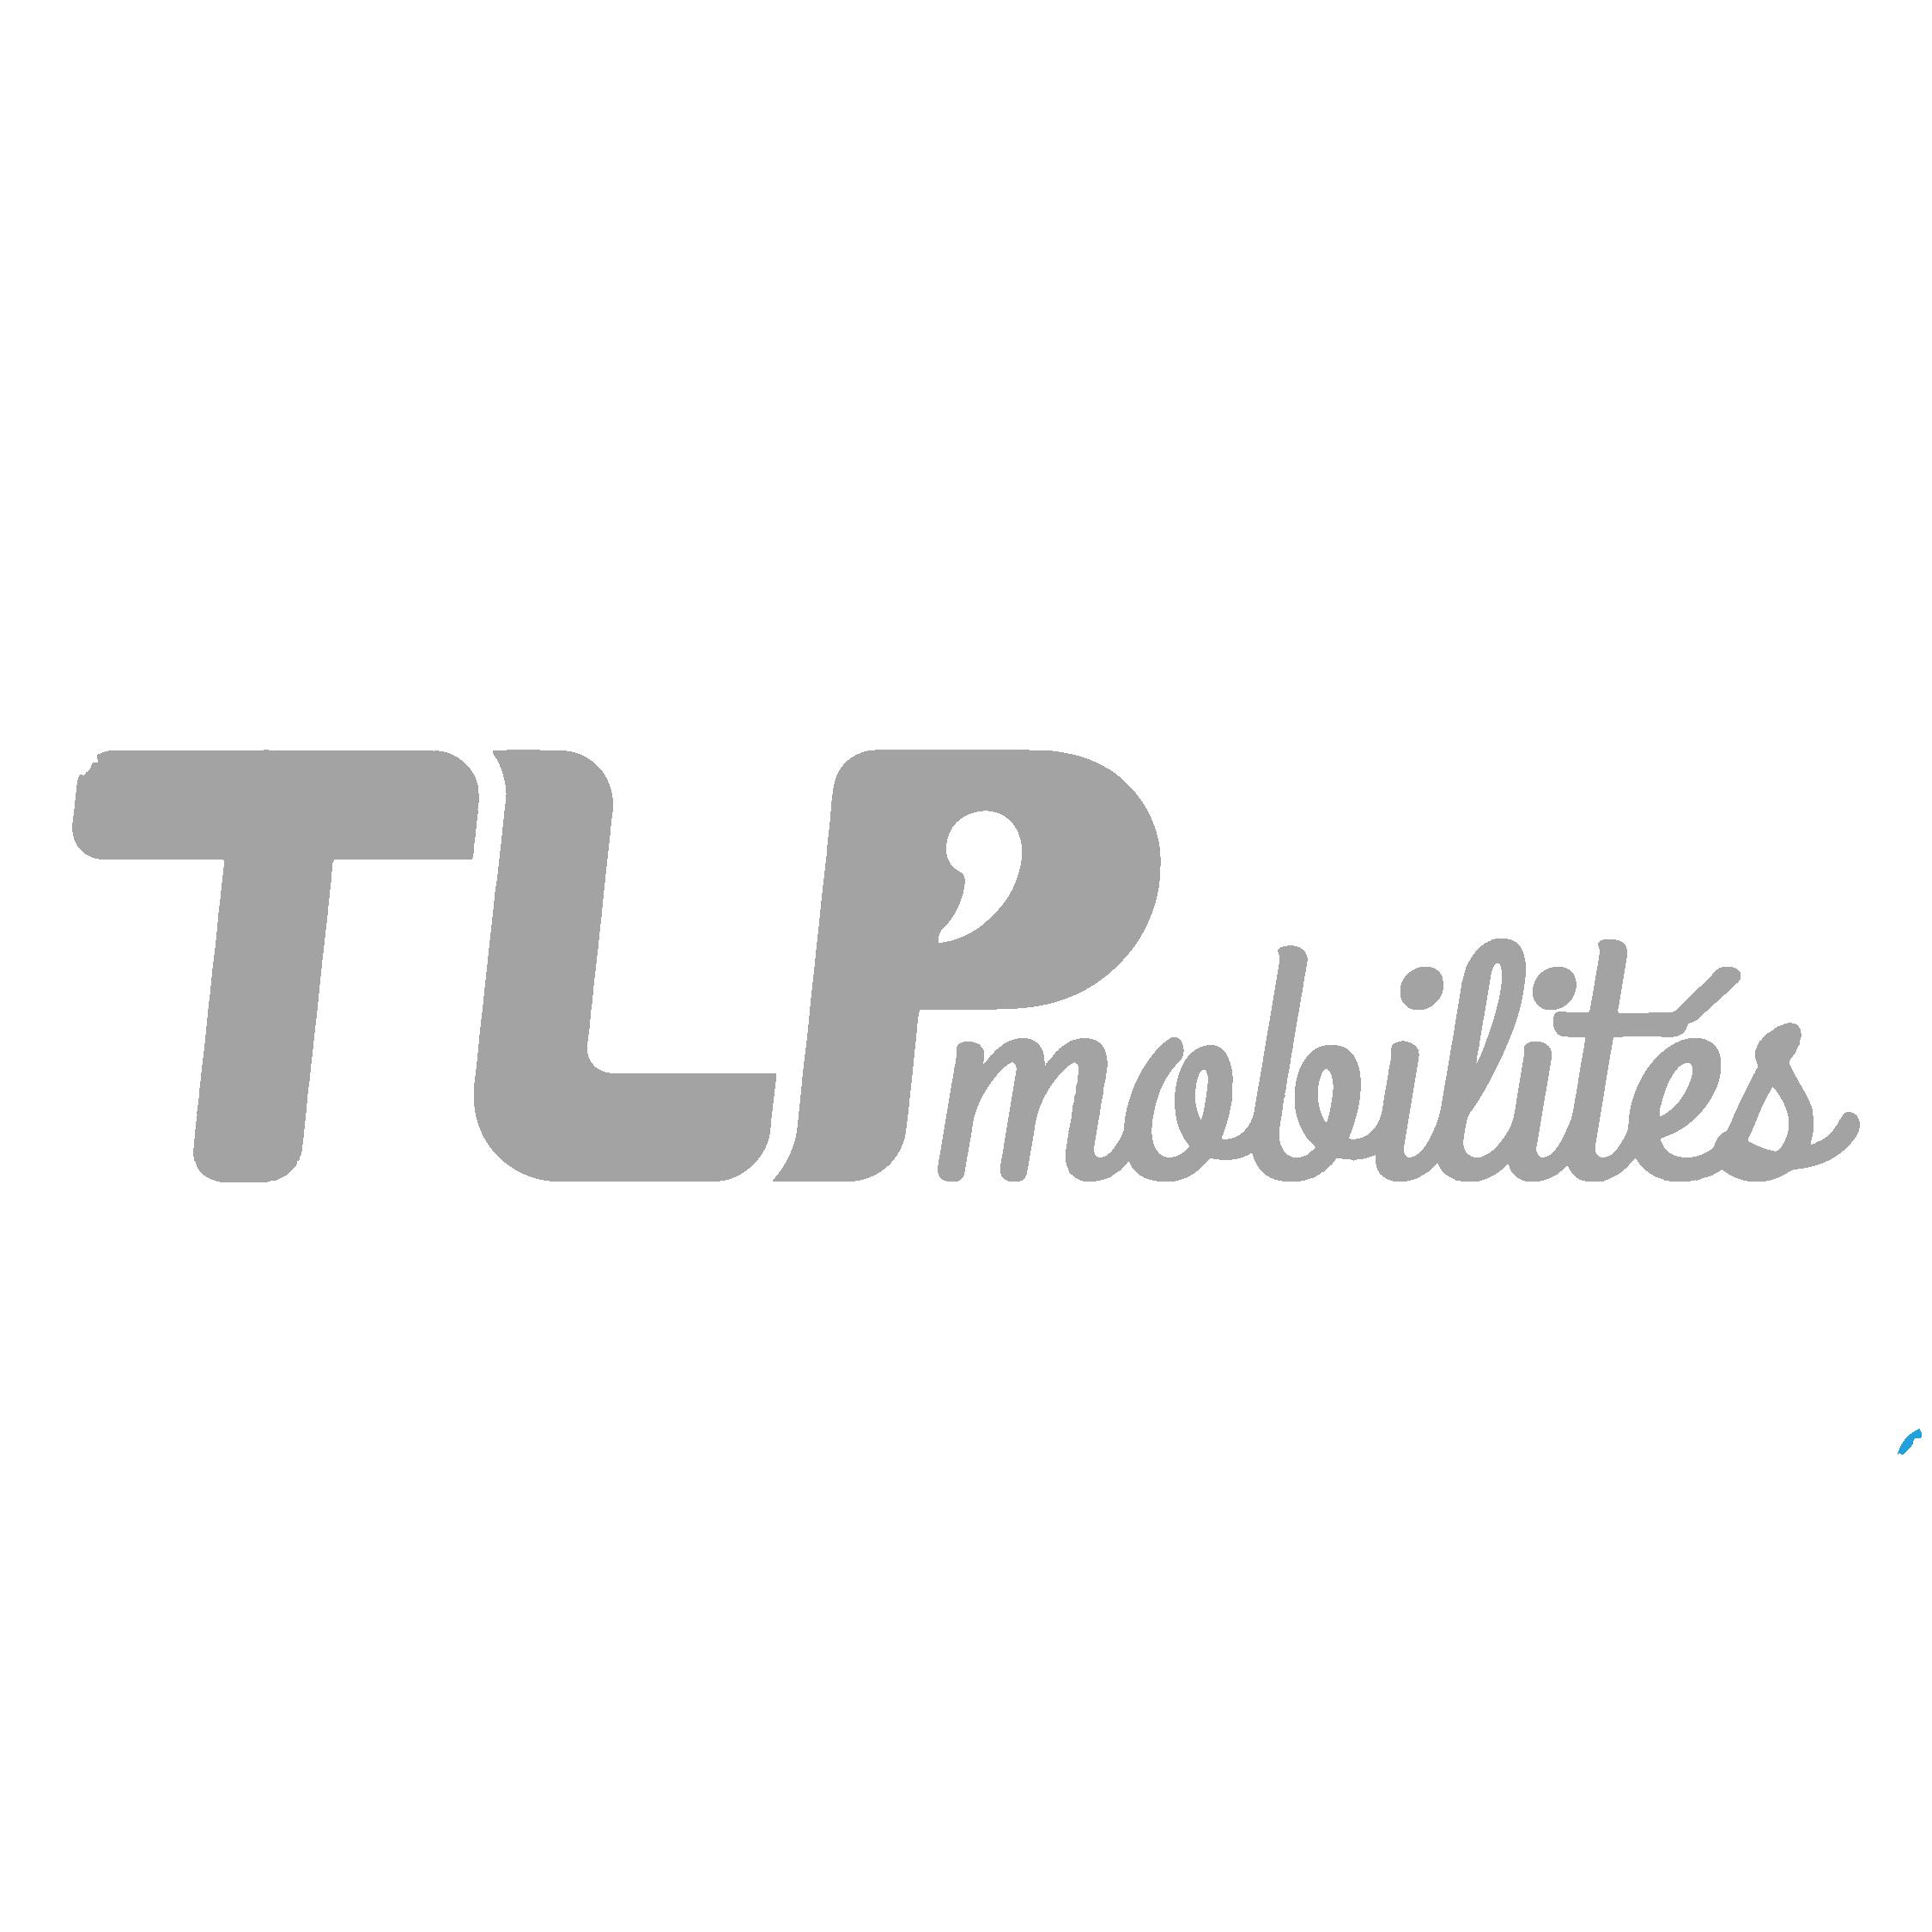 Logo TLP mobilités - Agence de communication break-Out company